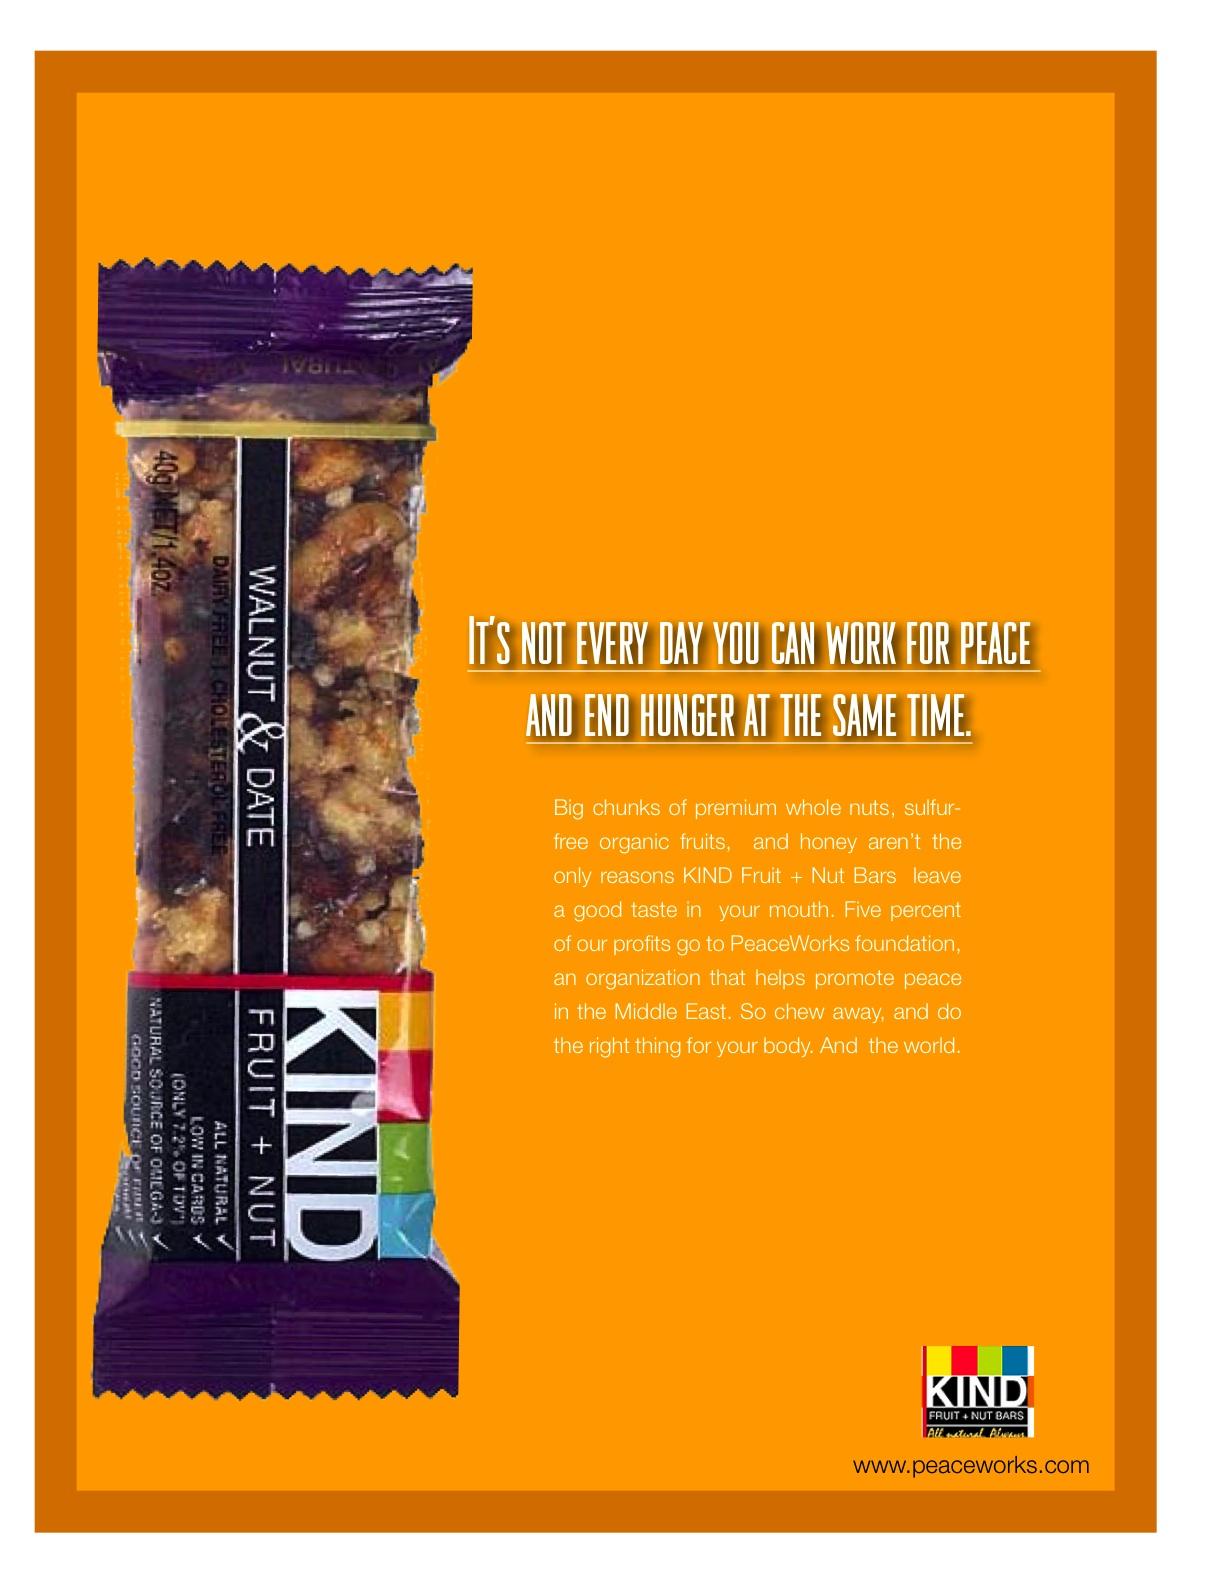 KINDBAR CAMPAIGN_end hunger.jpg